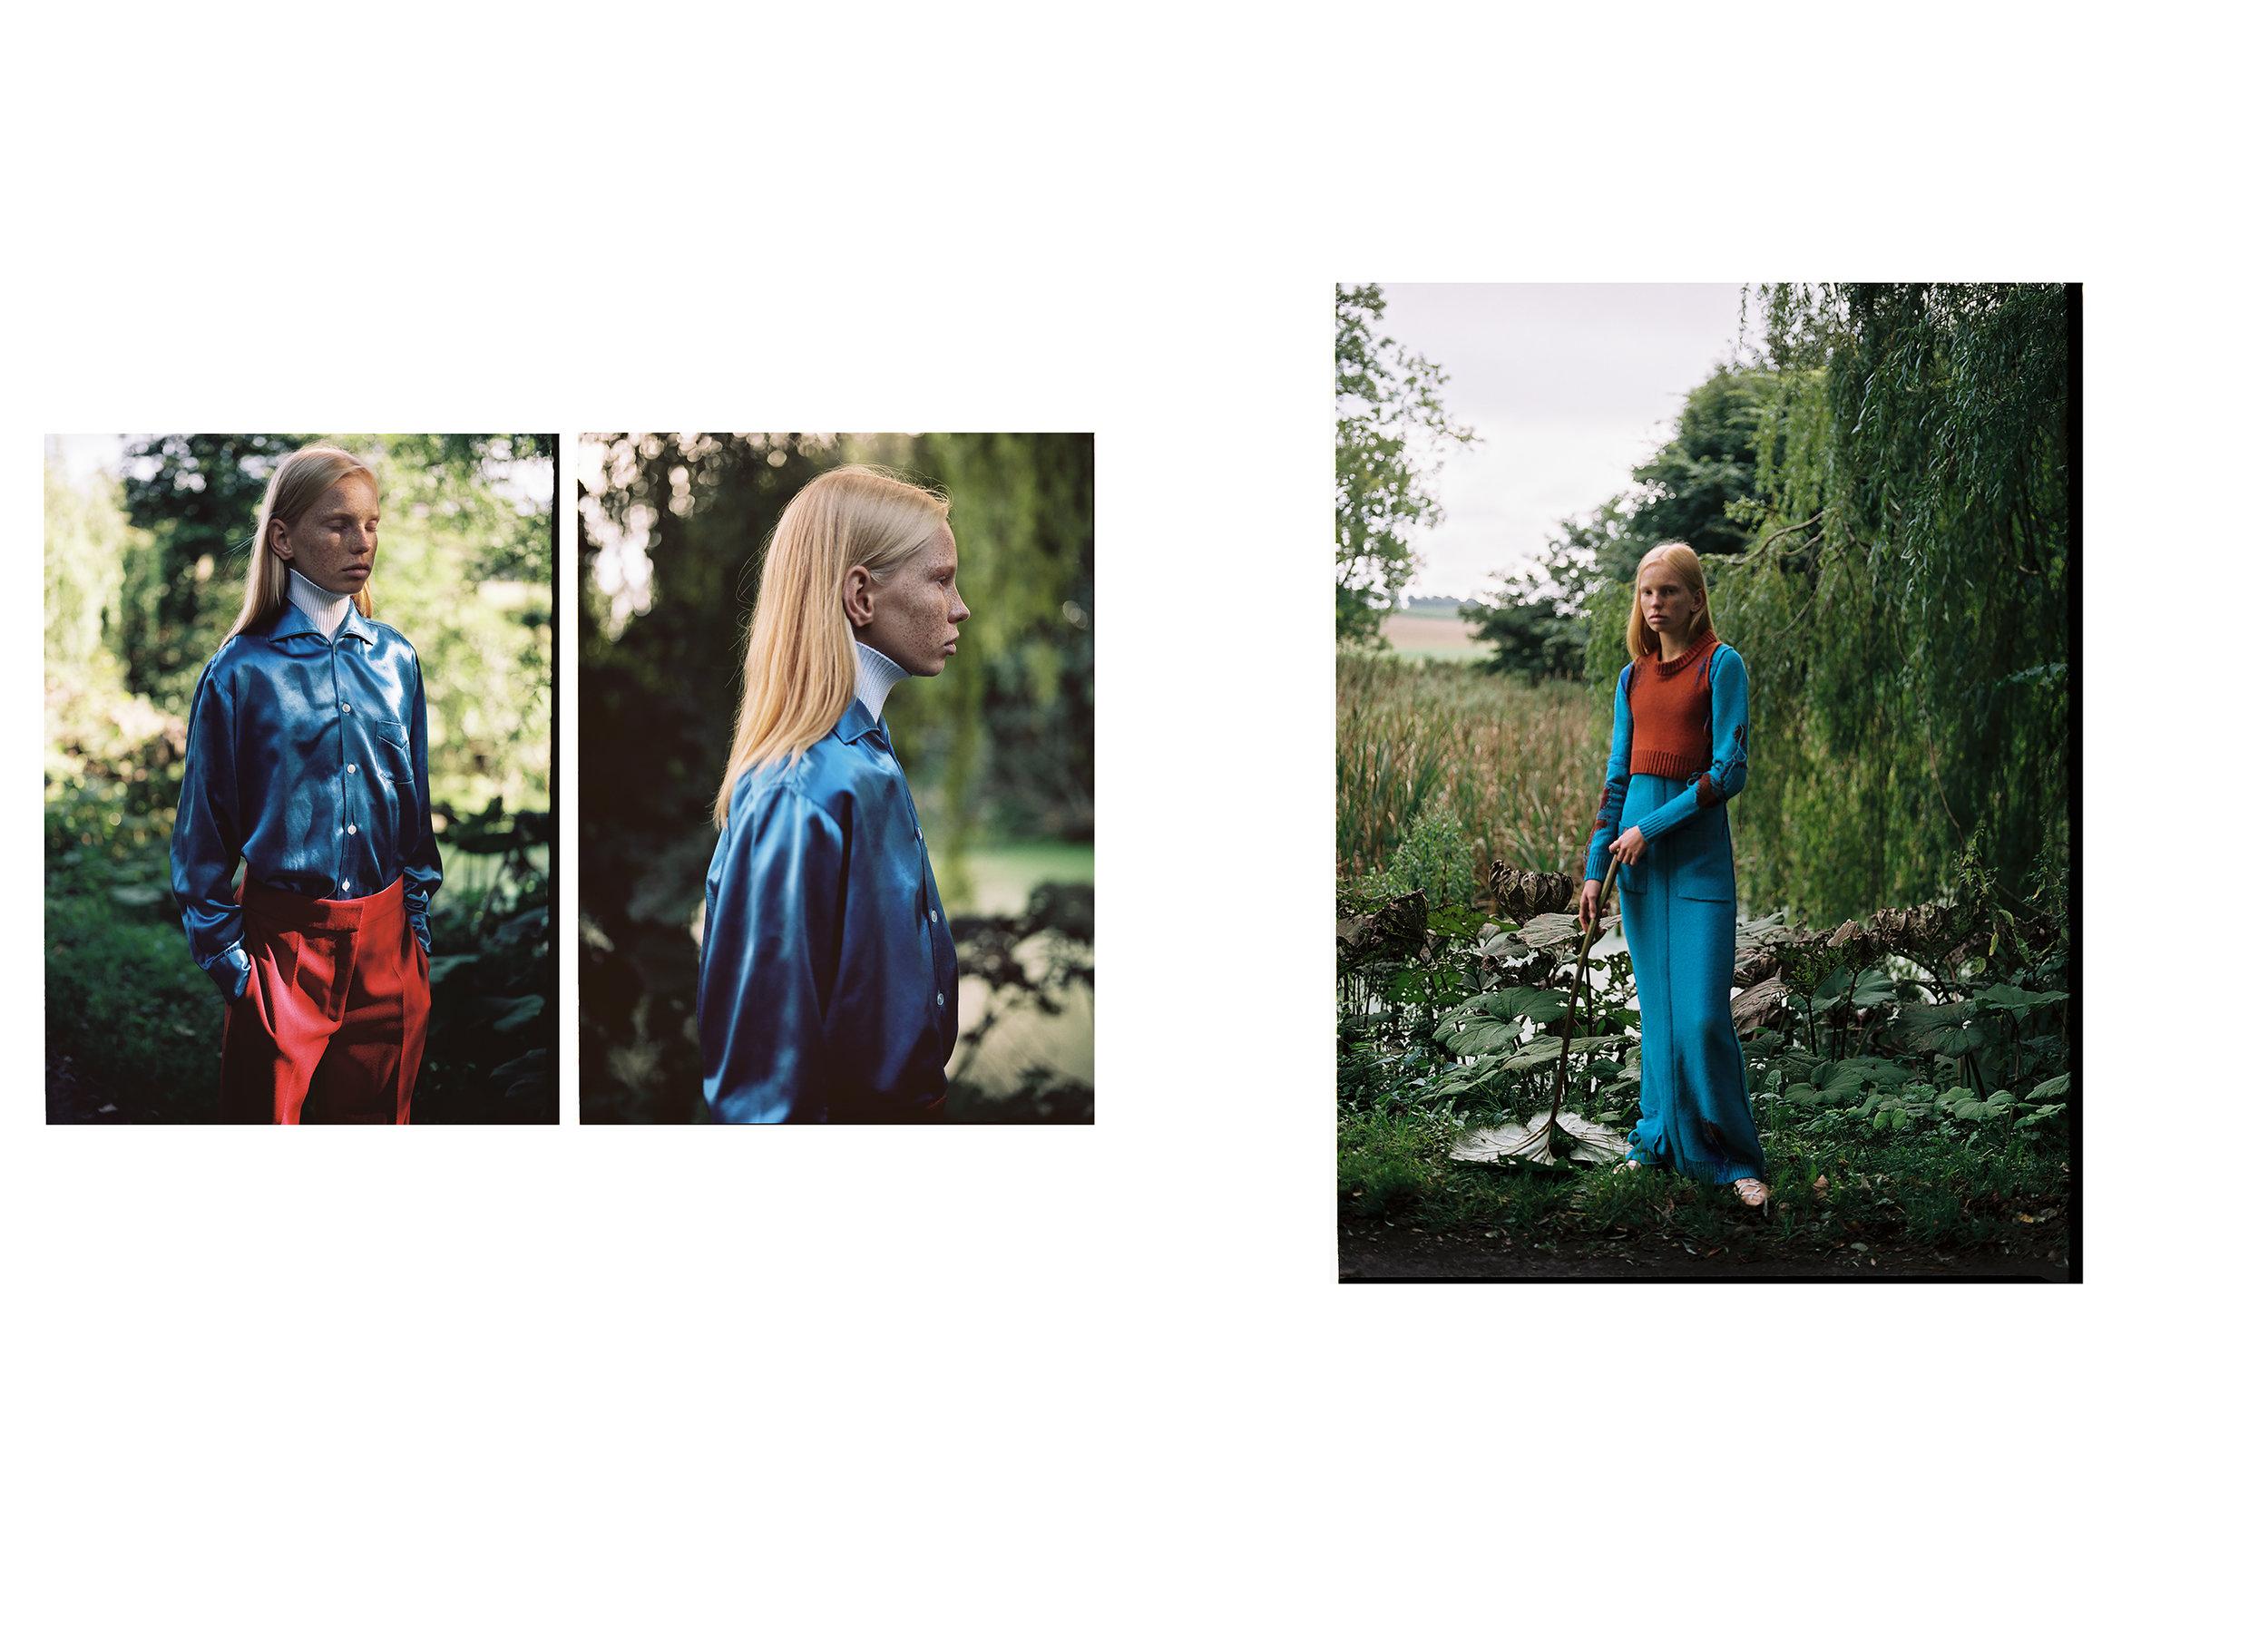 Turtleneck: Louis Vuitton; Shirt: Stylist's own; Trousers: COS